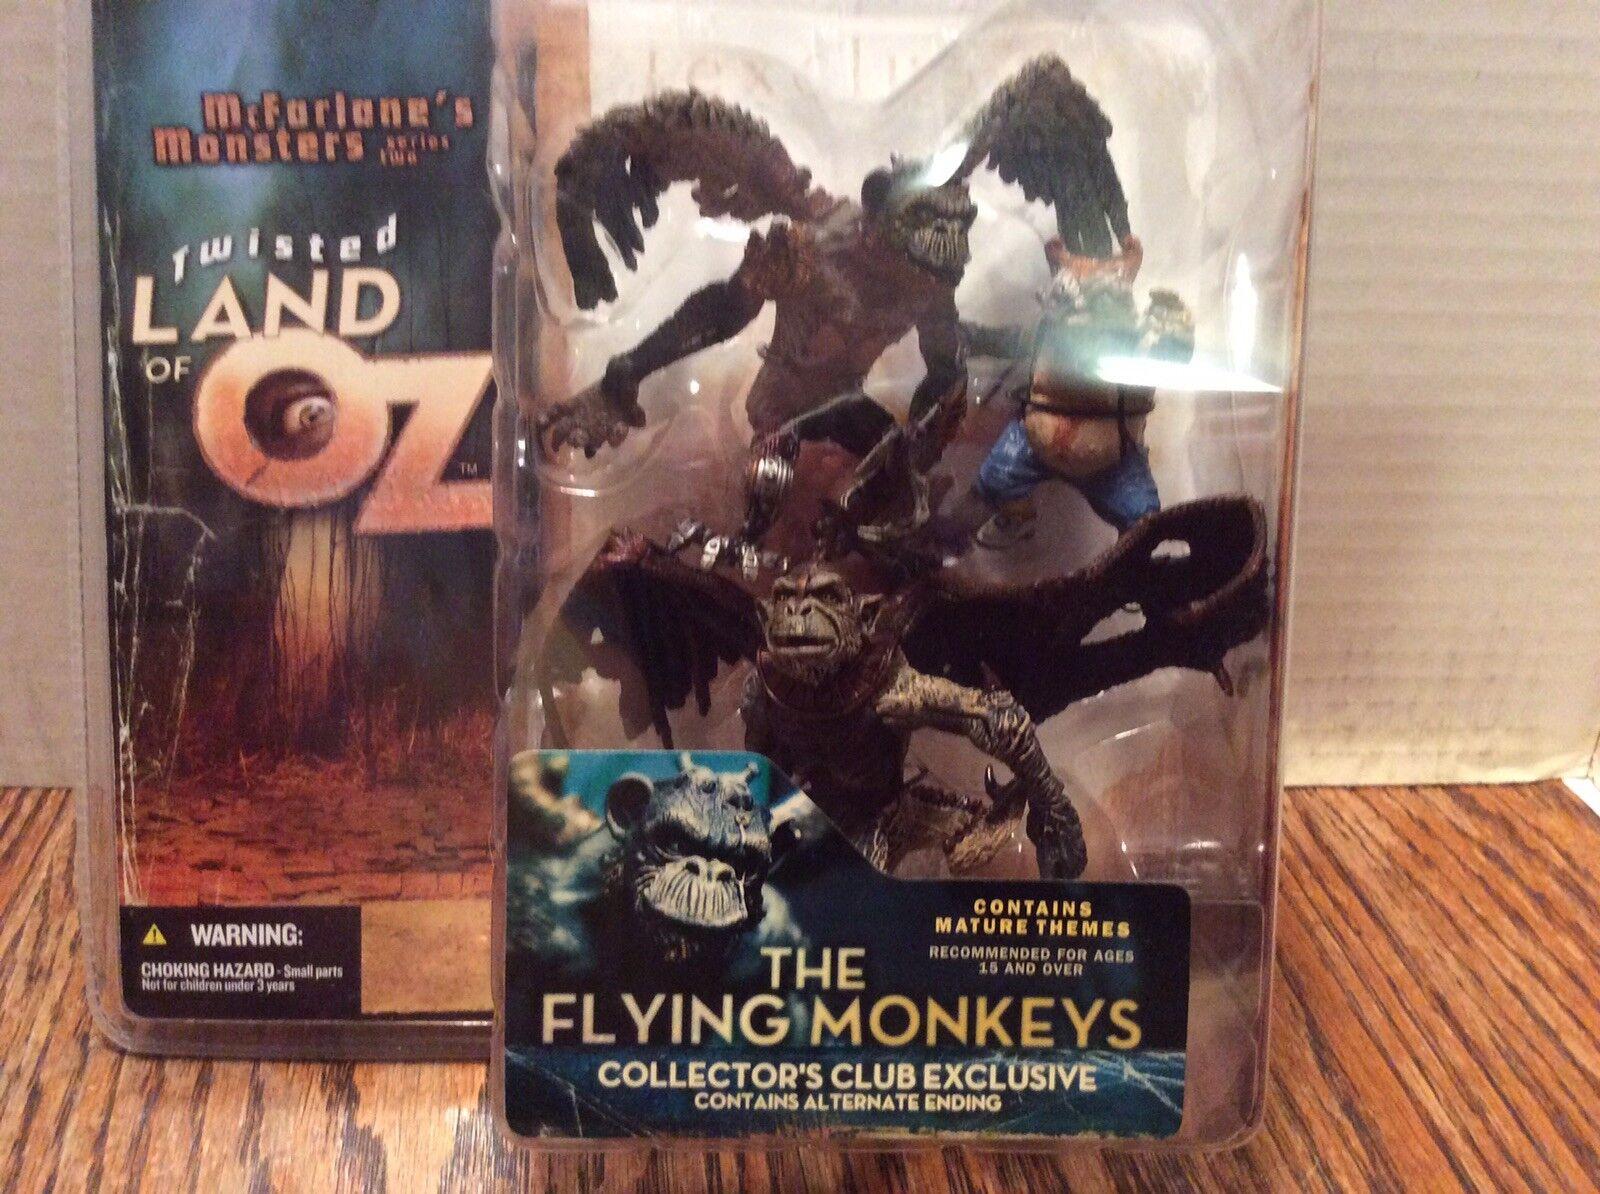 MCFARLANE TOYS les singes  volants et Munchkin Twisted land of Oz Action Figures  différentes tailles